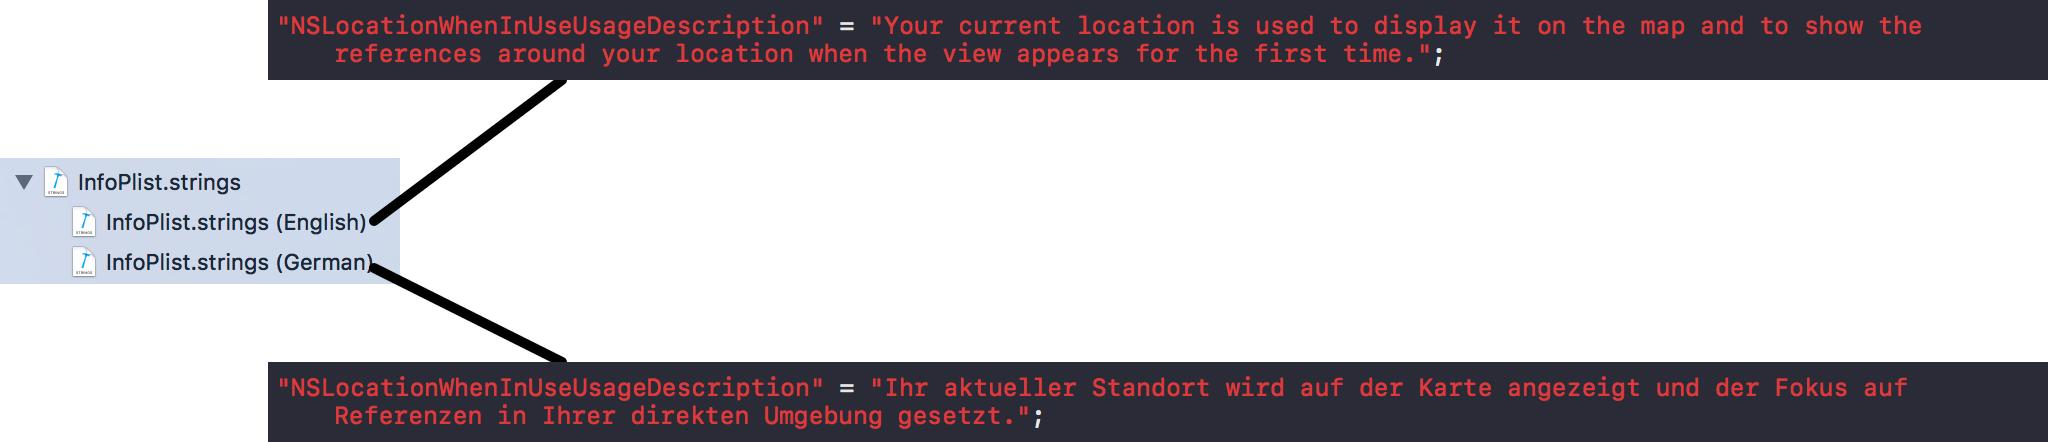 Die InfoPlist.strings-Datei wird pro gewünschter Sprache lokalisiert und in den jeweiligen Sprachdateien anschließend die Übersetzung für die Schlüssel aus der Info.plist-Datei hinzugefügt.